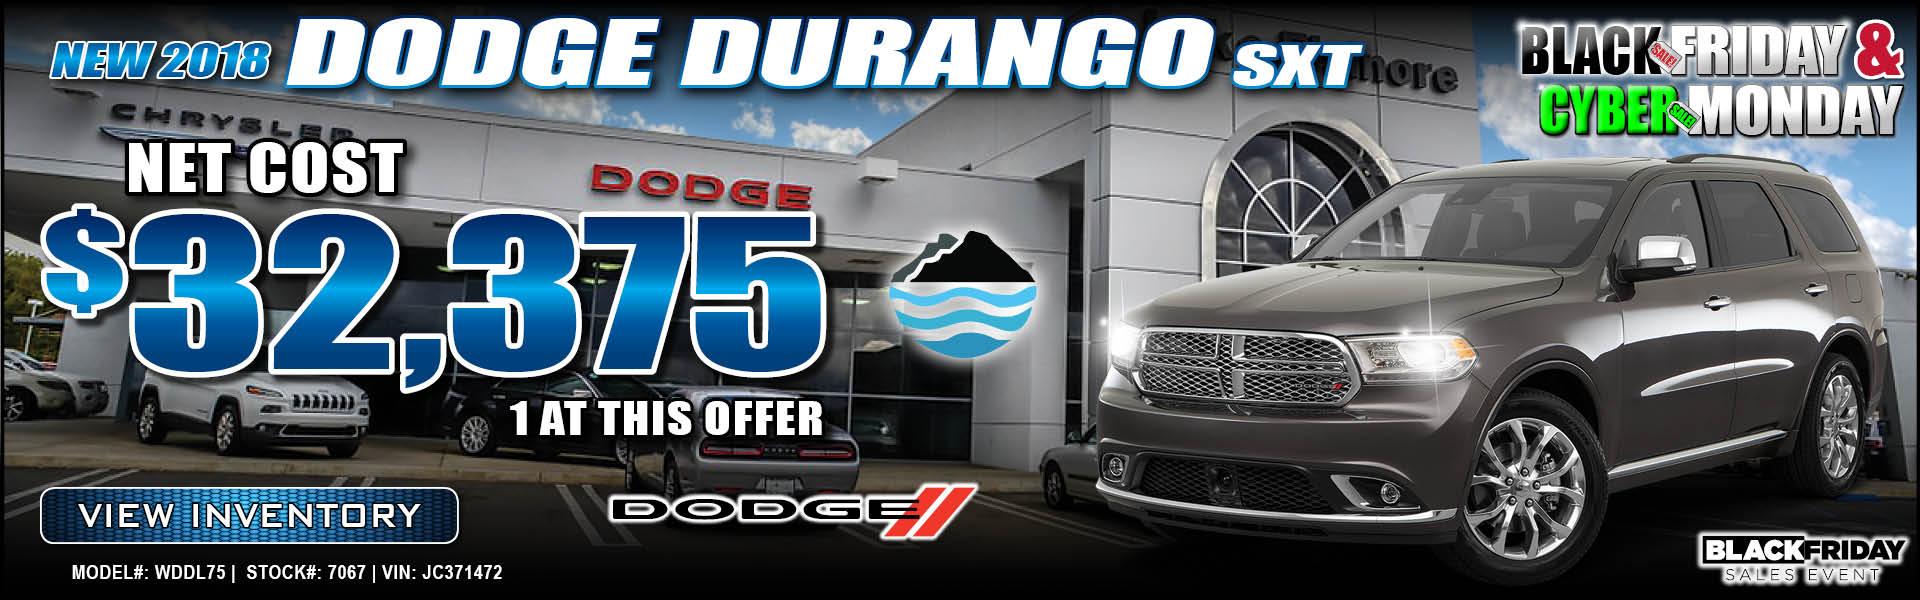 Dodge Durango $32,375